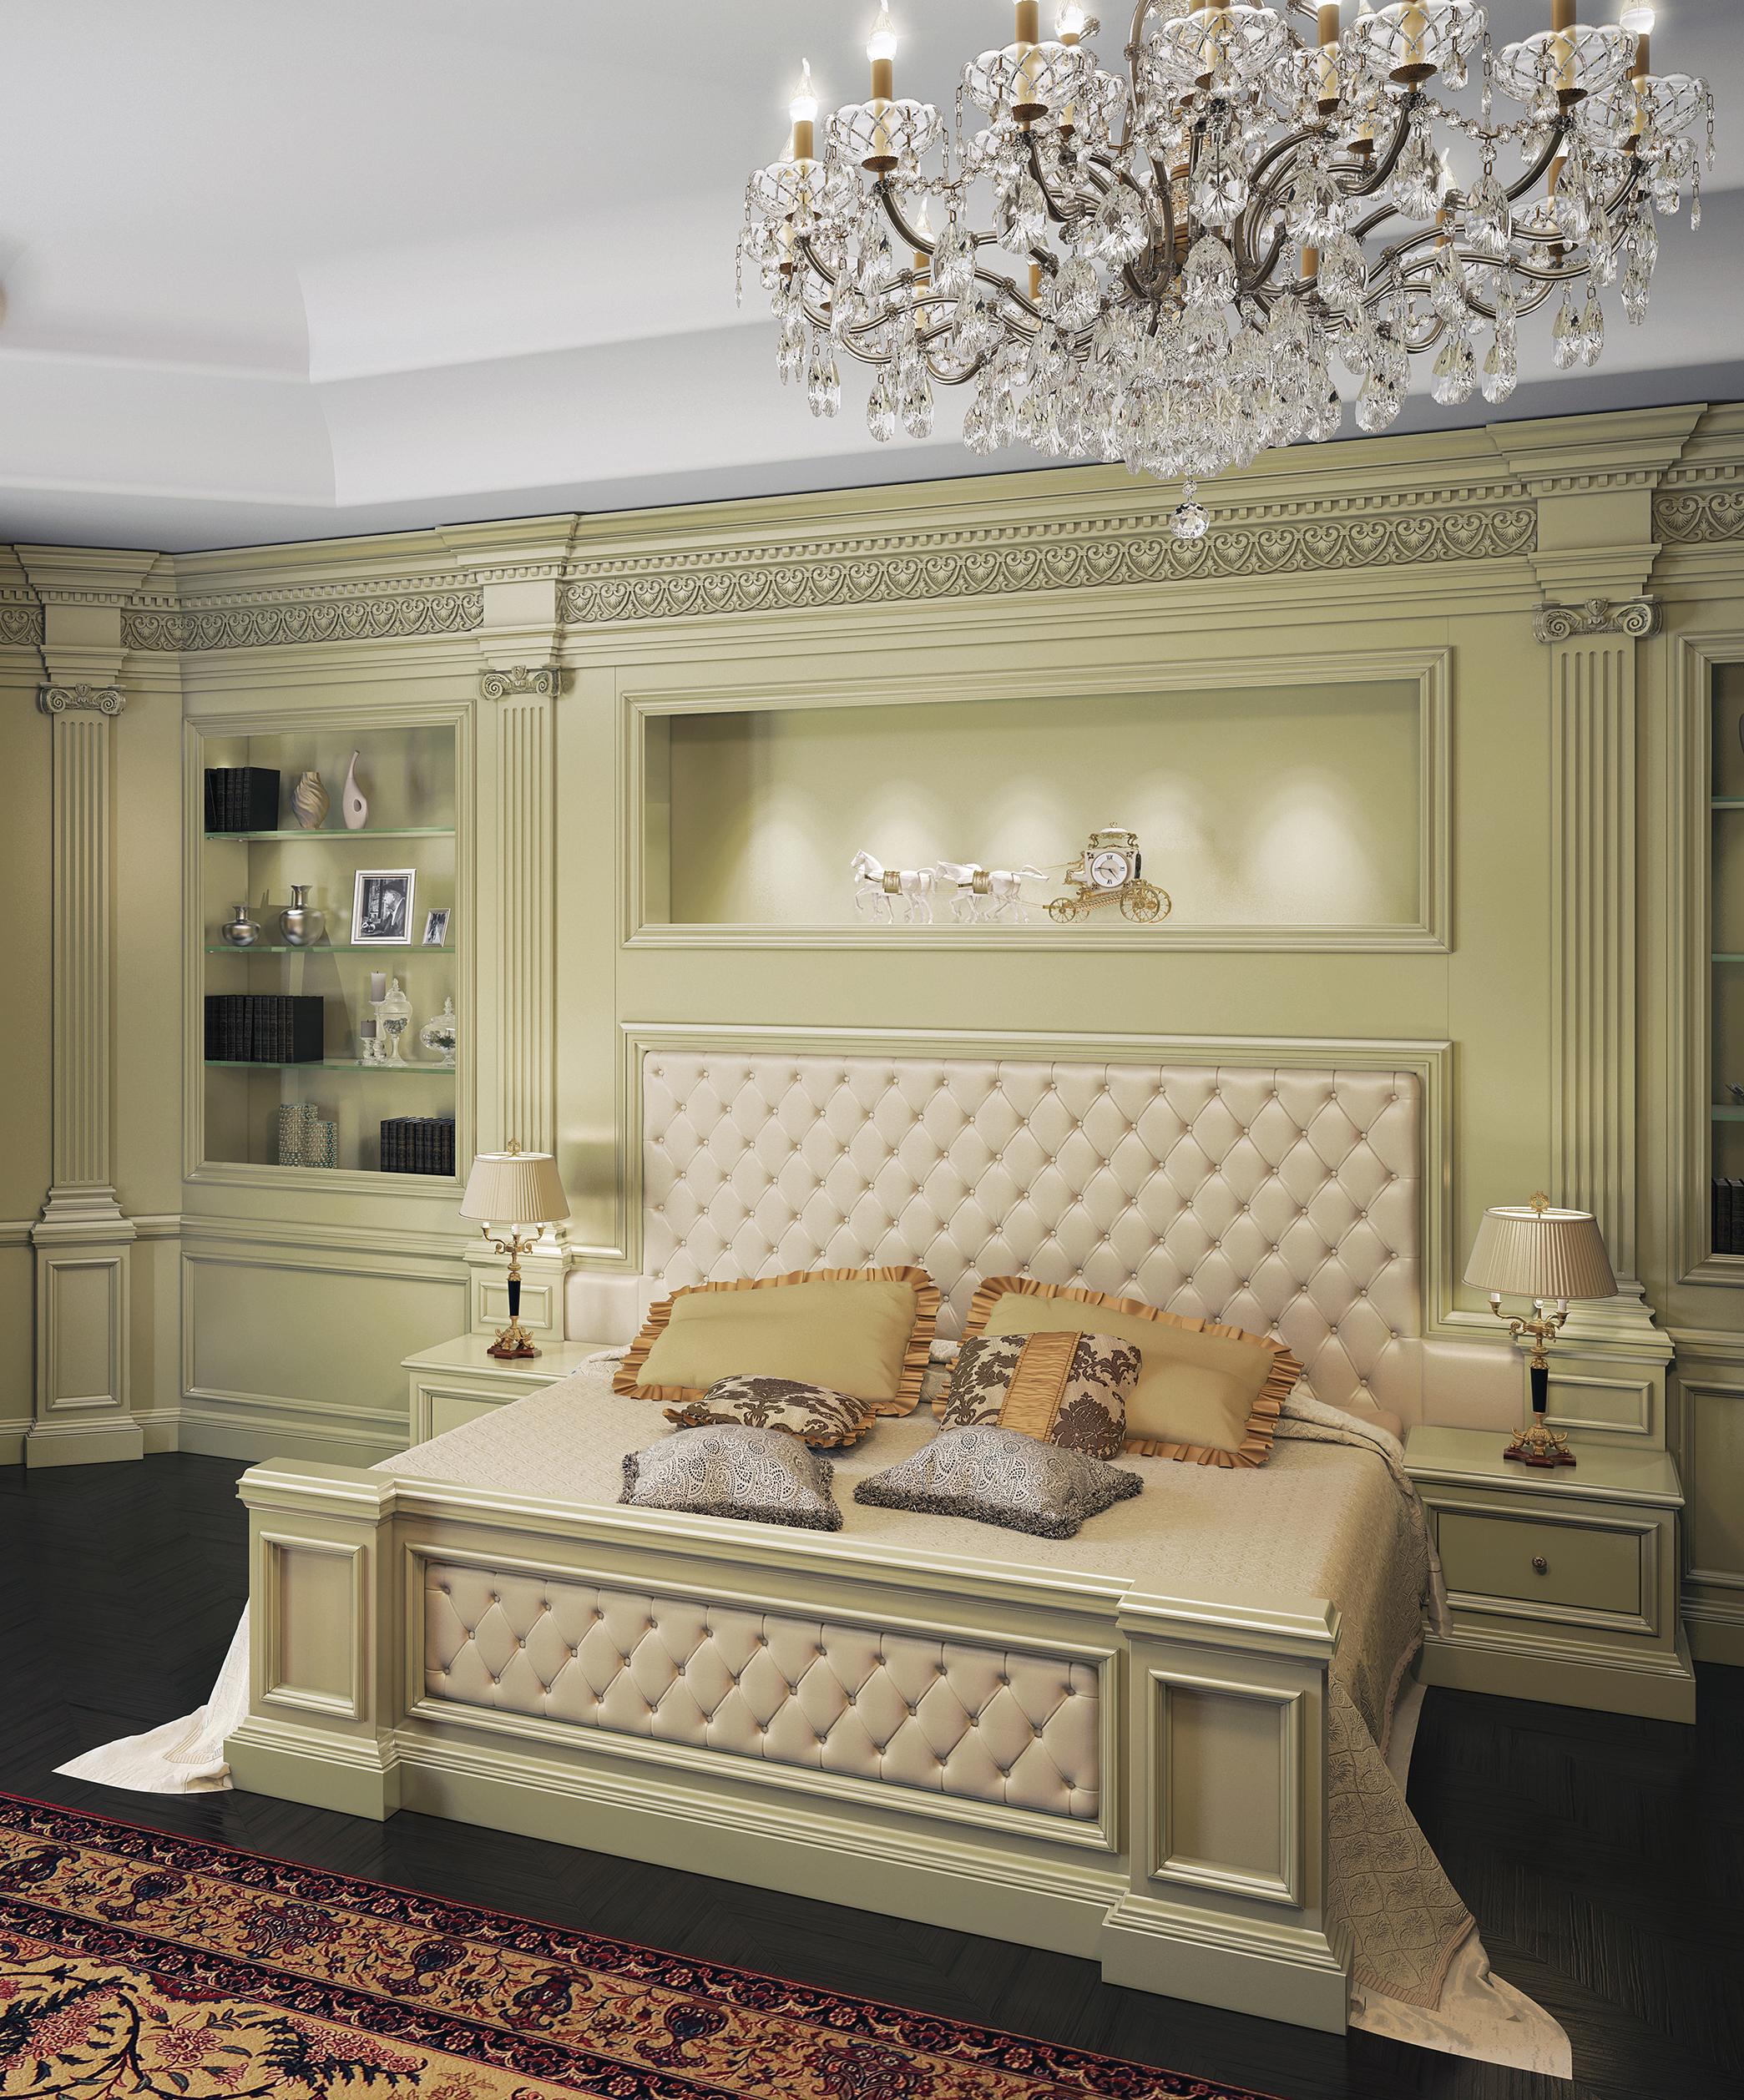 Night time furniture